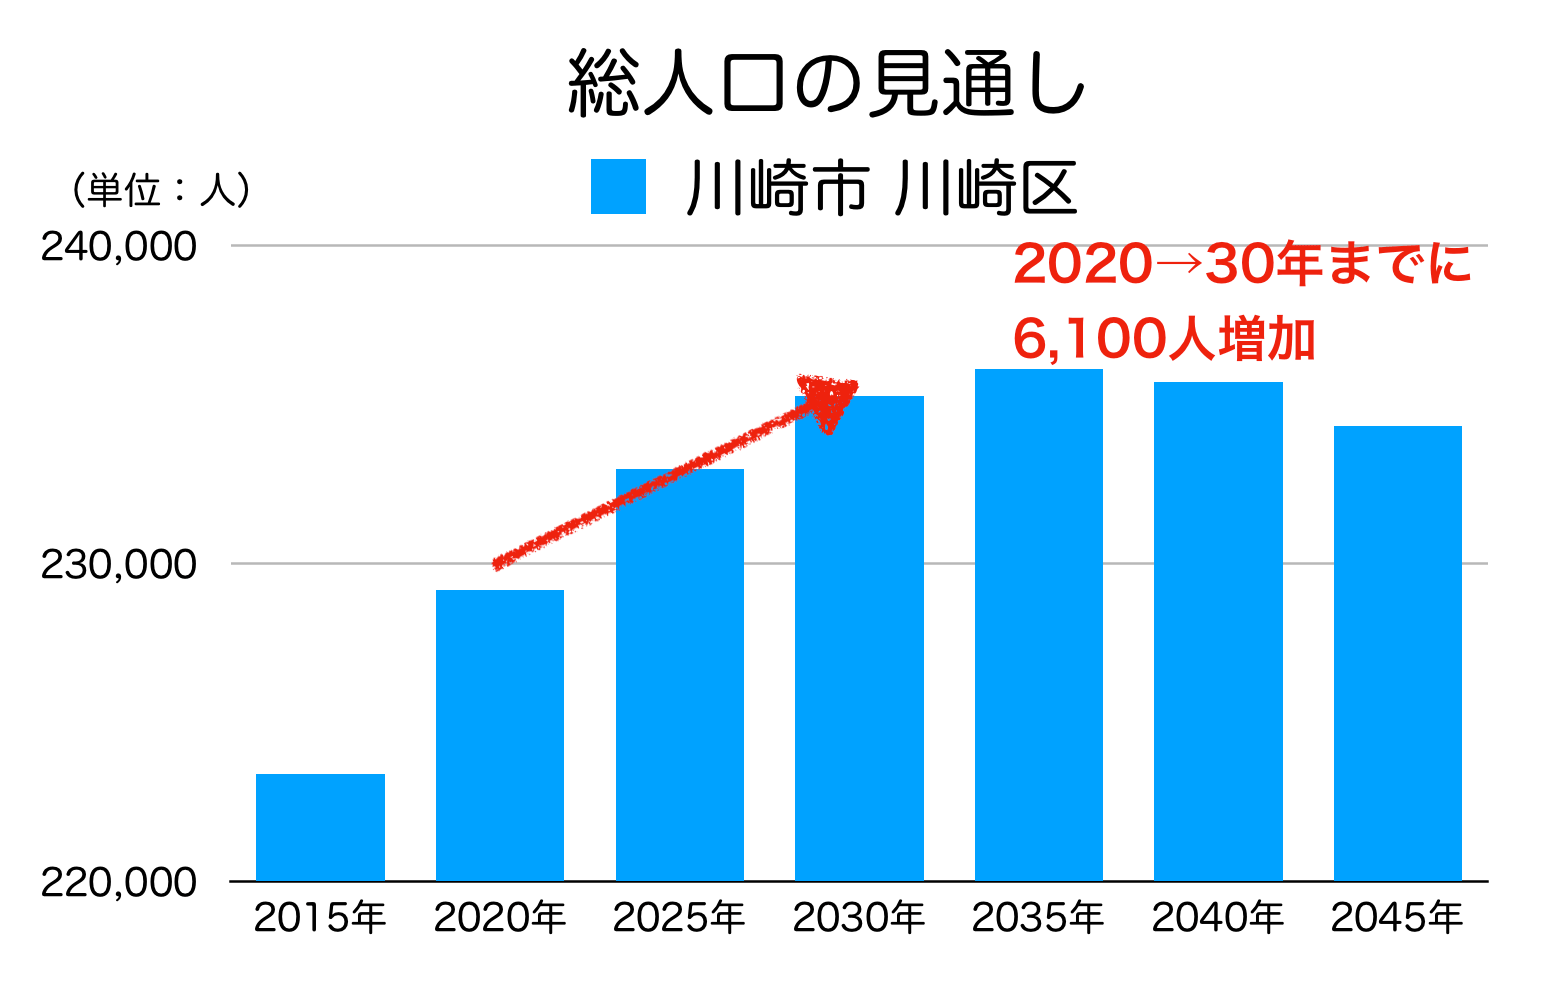 川崎市川崎区の人口予測